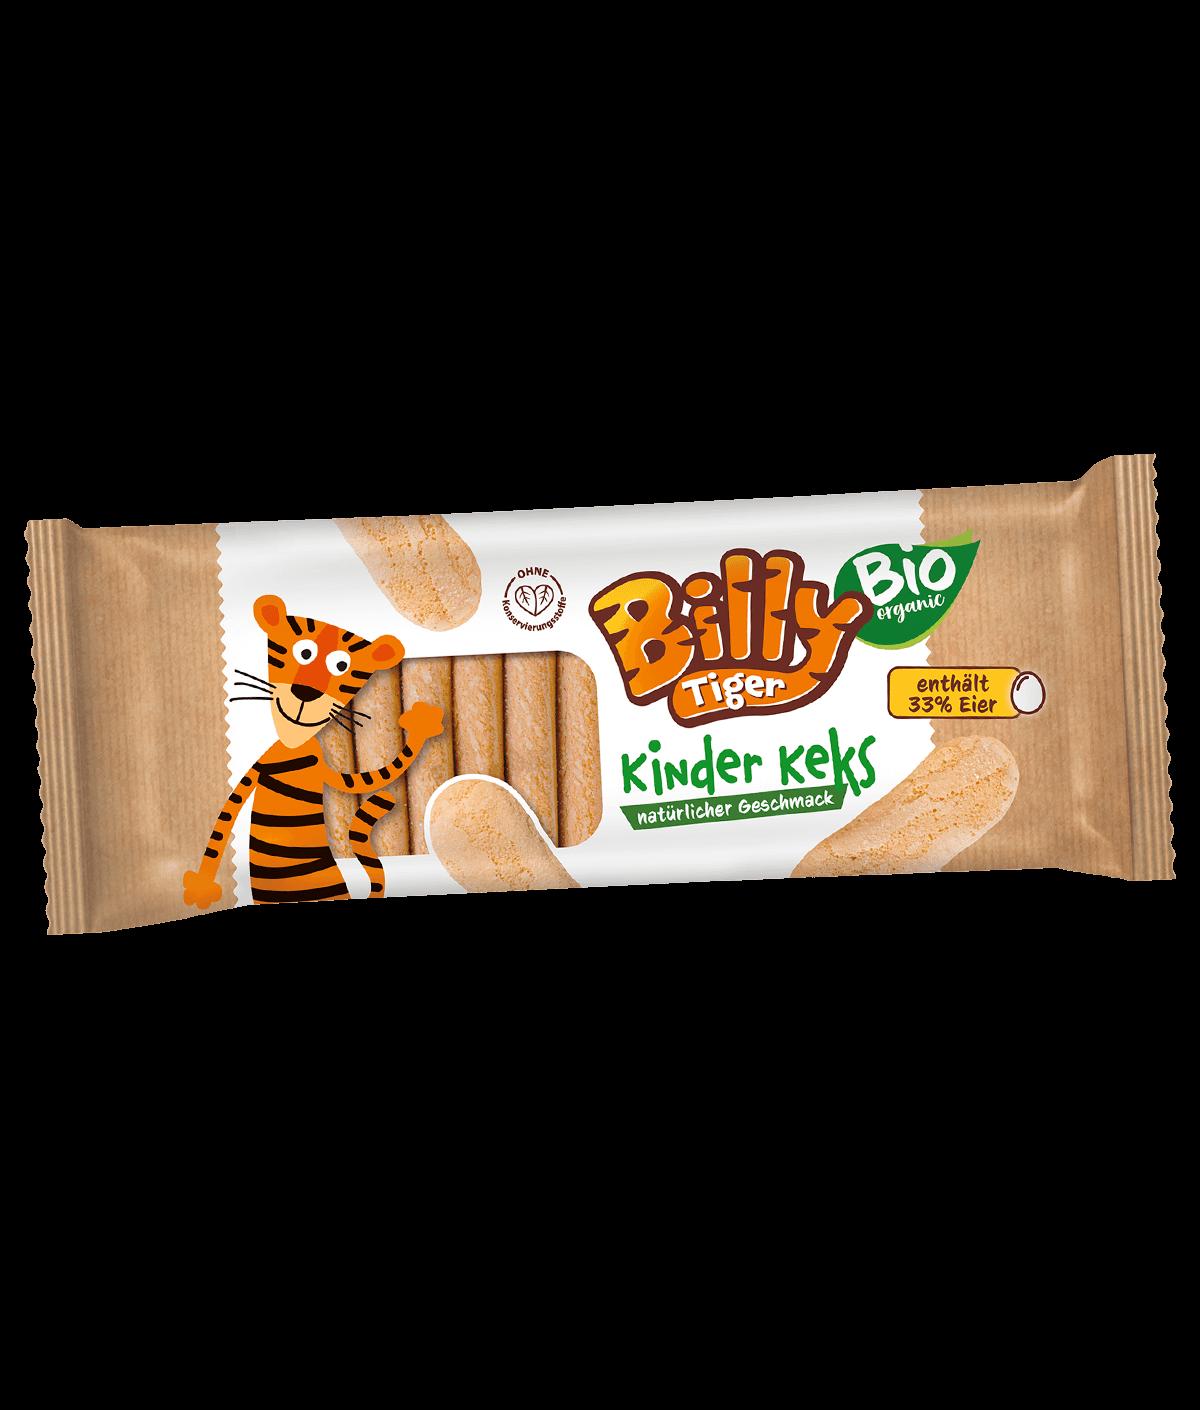 Billy Tiger Kinder Keks_EAN 5903018640761